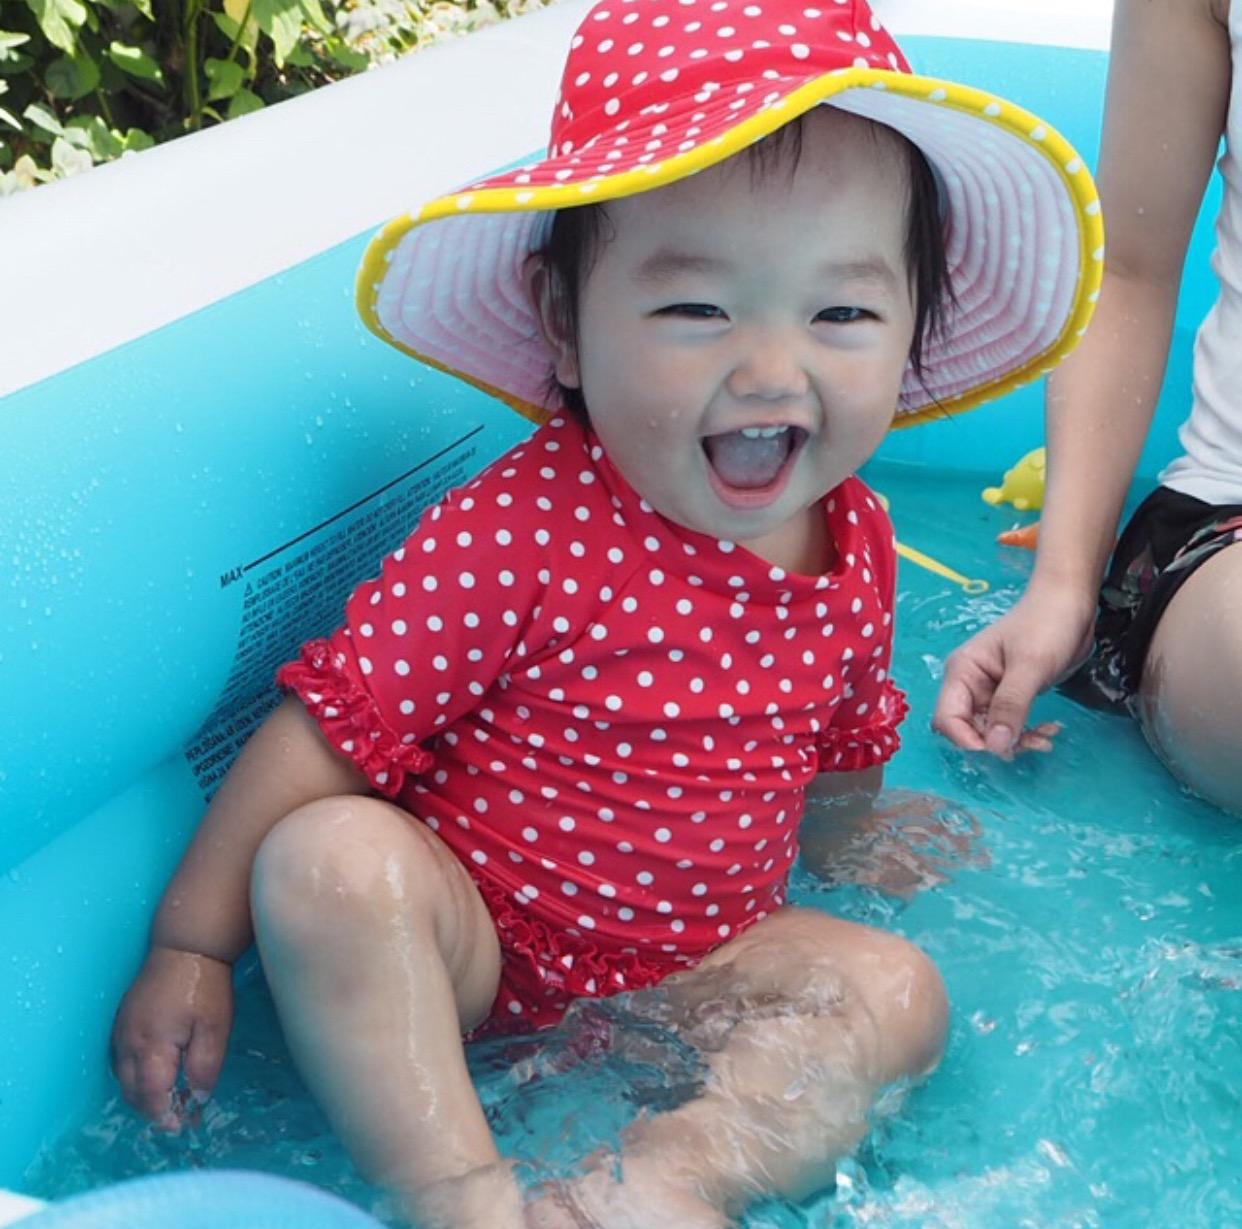 Rufflebutts婴儿女童长袖点点游泳衣儿童女孩短袖分体泳衣泳装